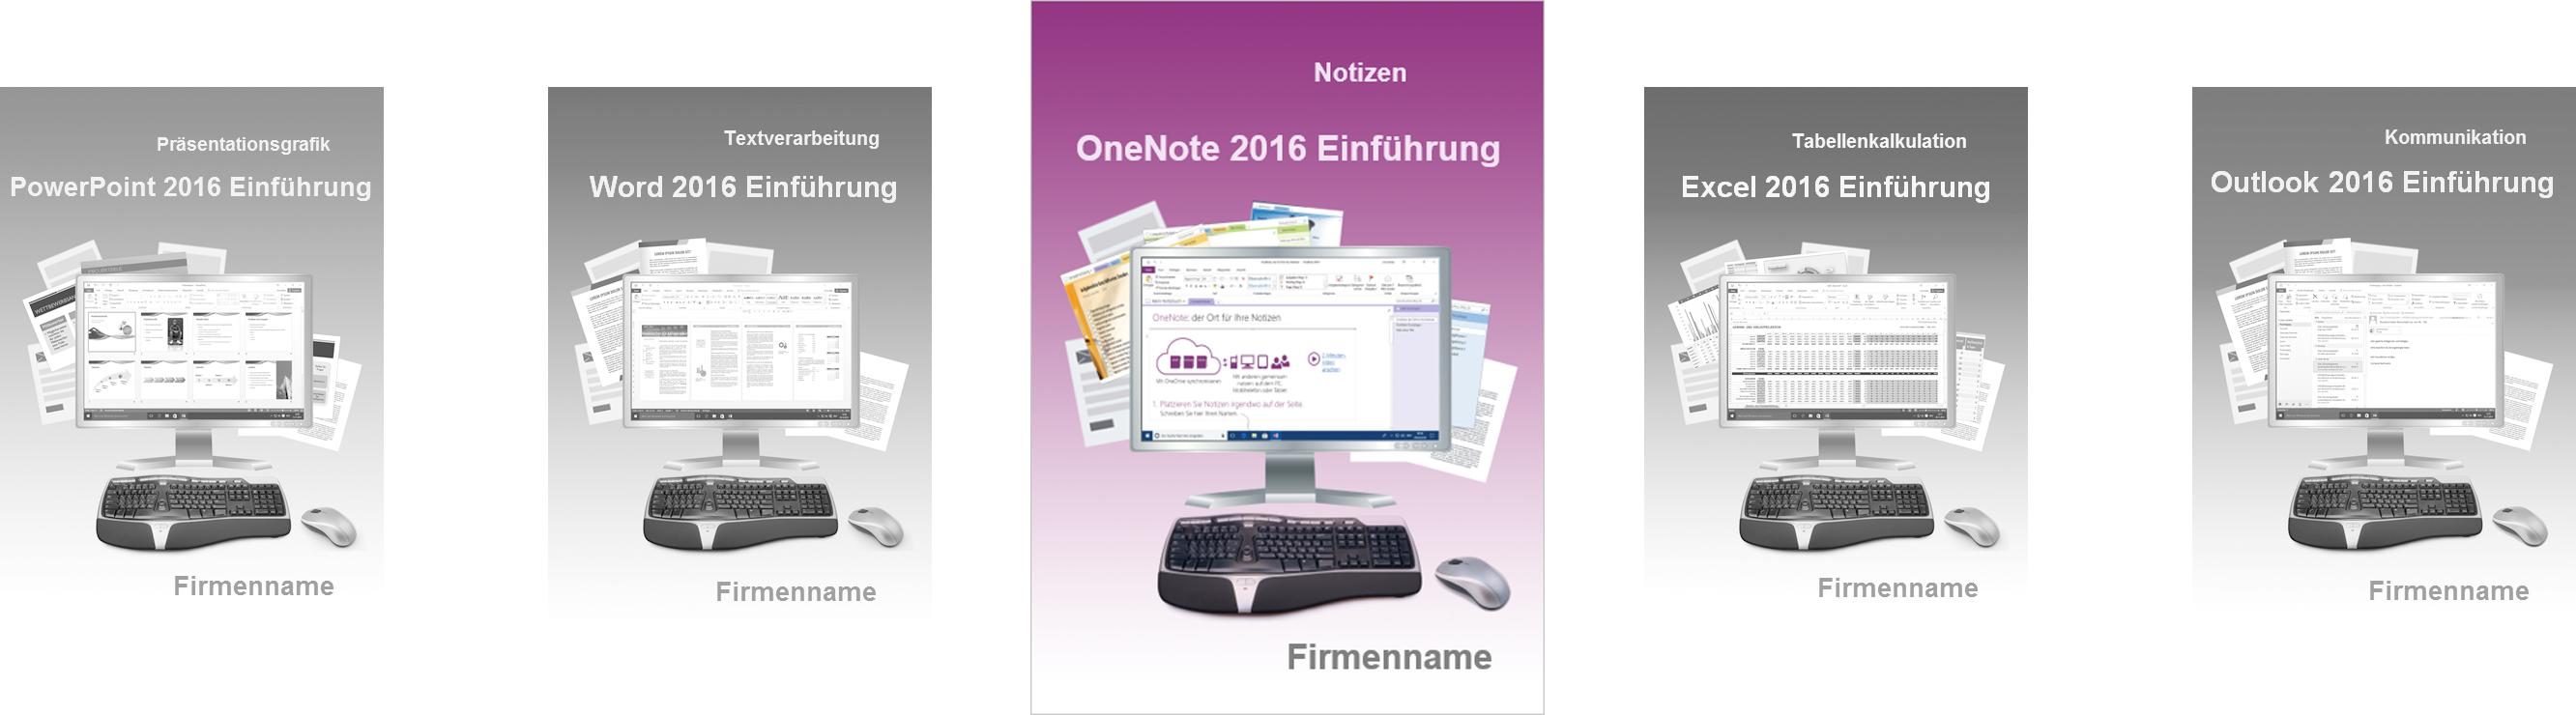 OneNote 2016 Slider